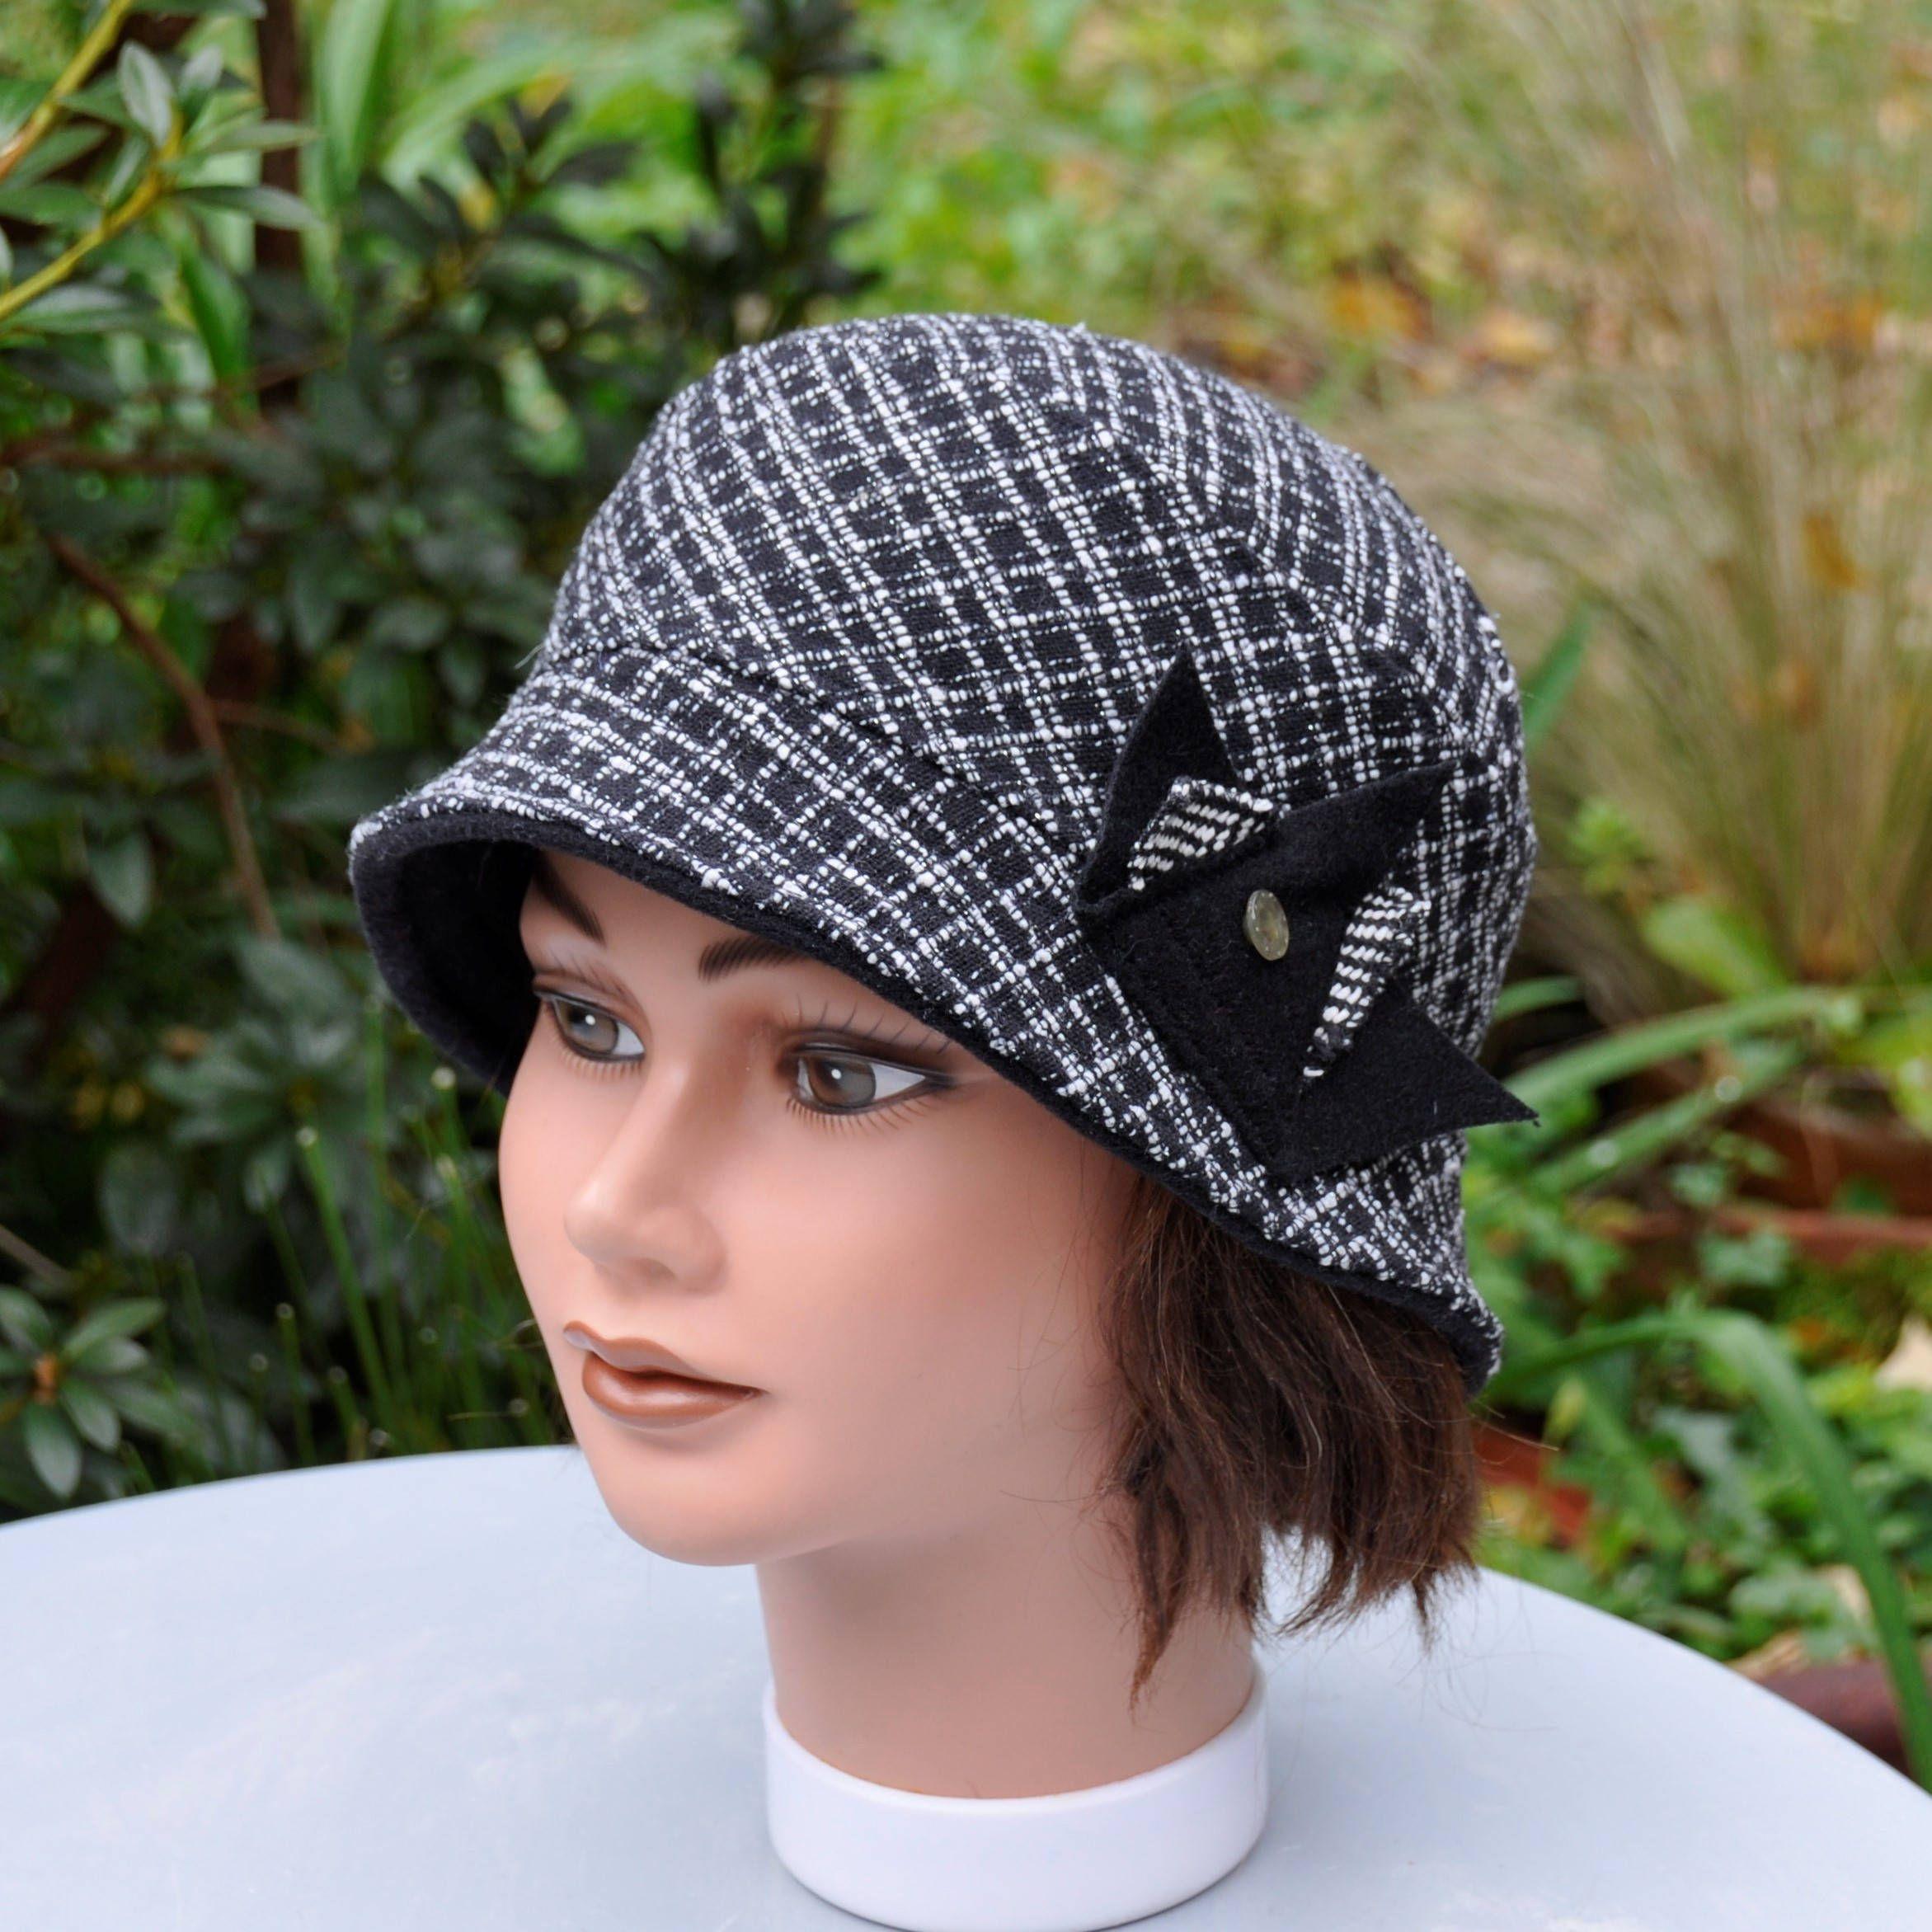 Chapeau cloche hiver en lainage petit écossais noir et blanc - Taille  57 57,5cm de la boutique Leolix sur Etsy e1f448671e2